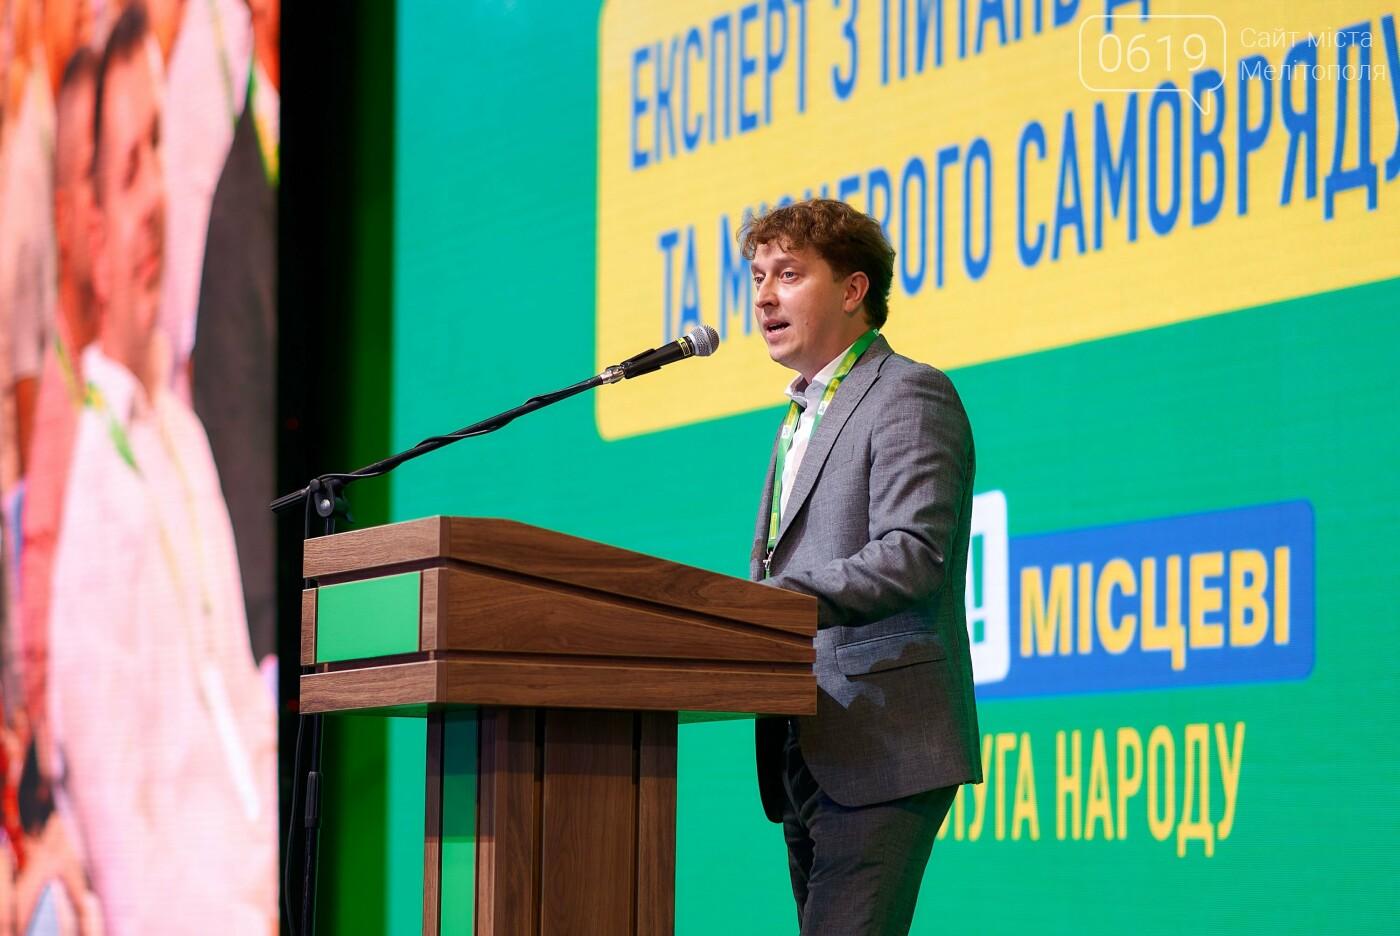 Освіта, спорт, культура. Олександр Свистун розповів про важливі зрушення у гуманітарній сфері, фото-1